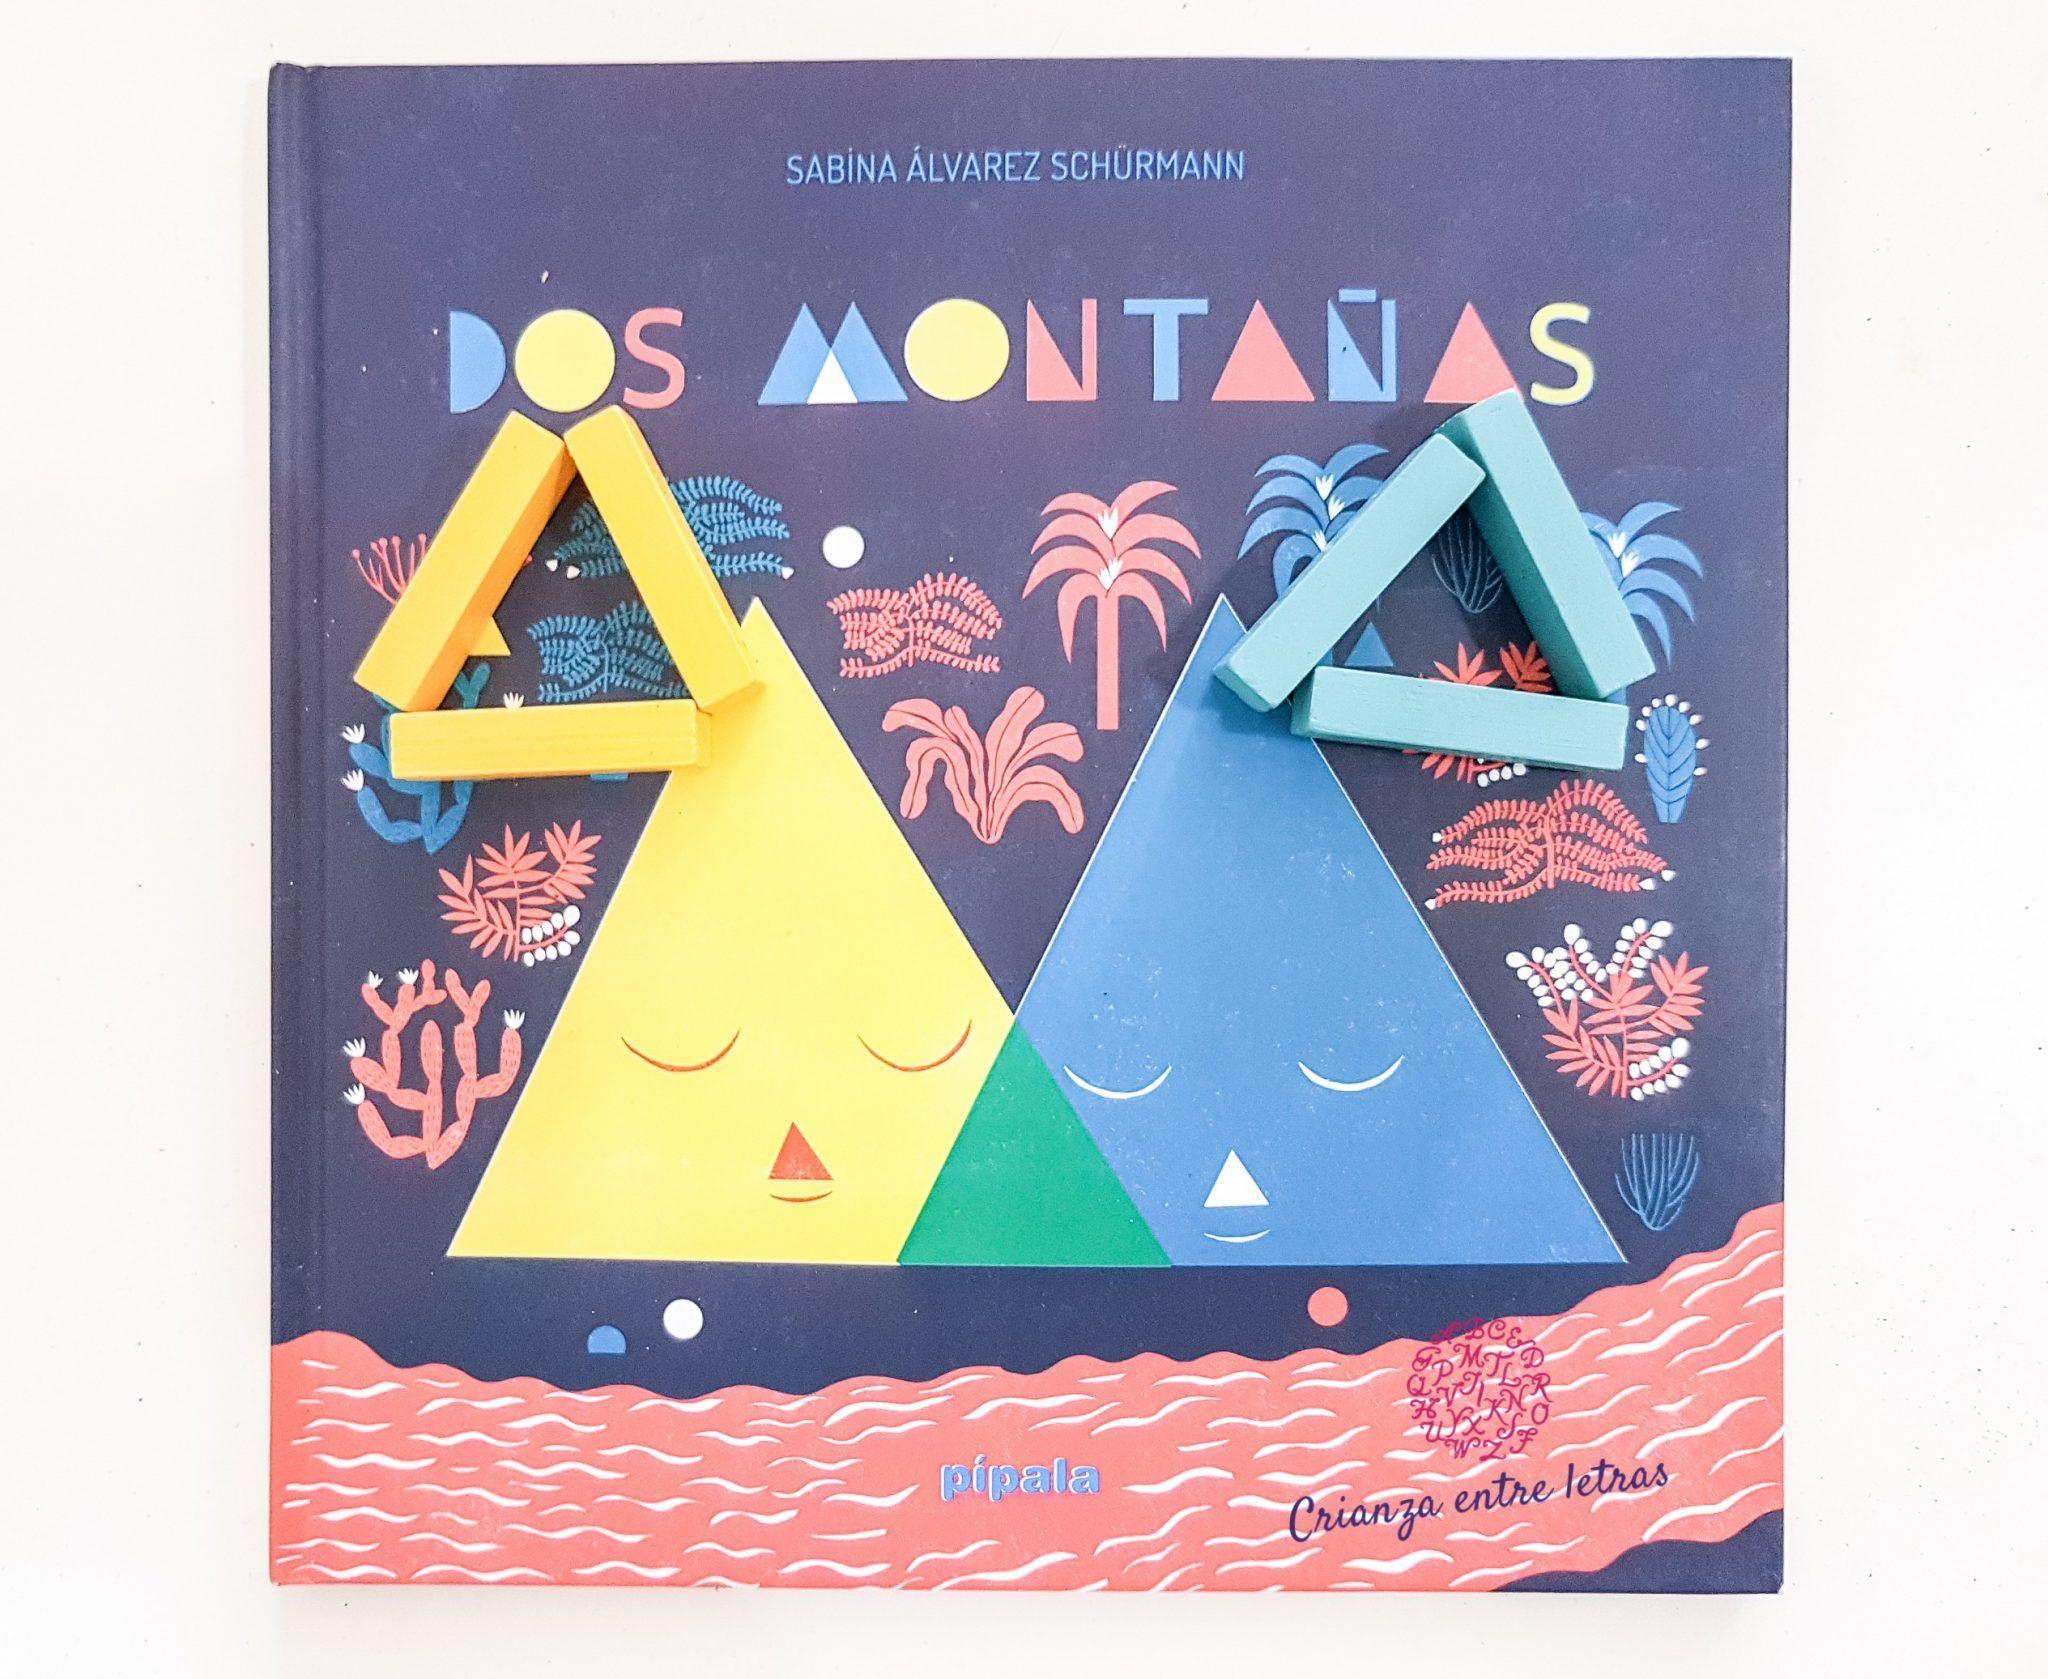 Dos montañas, cuidar la naturaleza